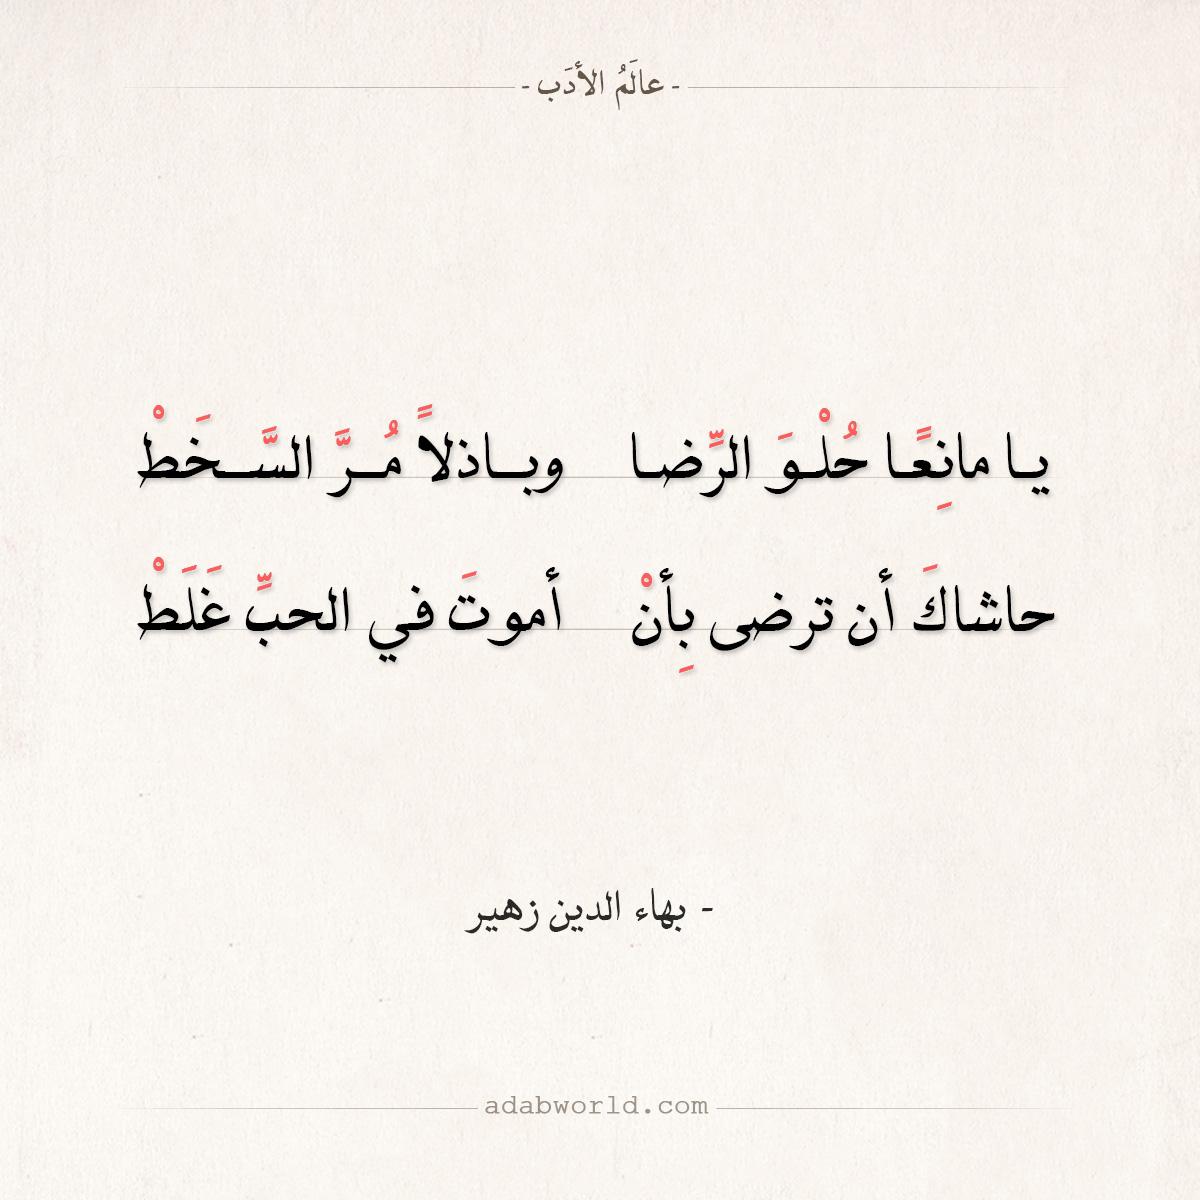 شعر بهاء الدين زهير - يا مانعا حلو الرضا